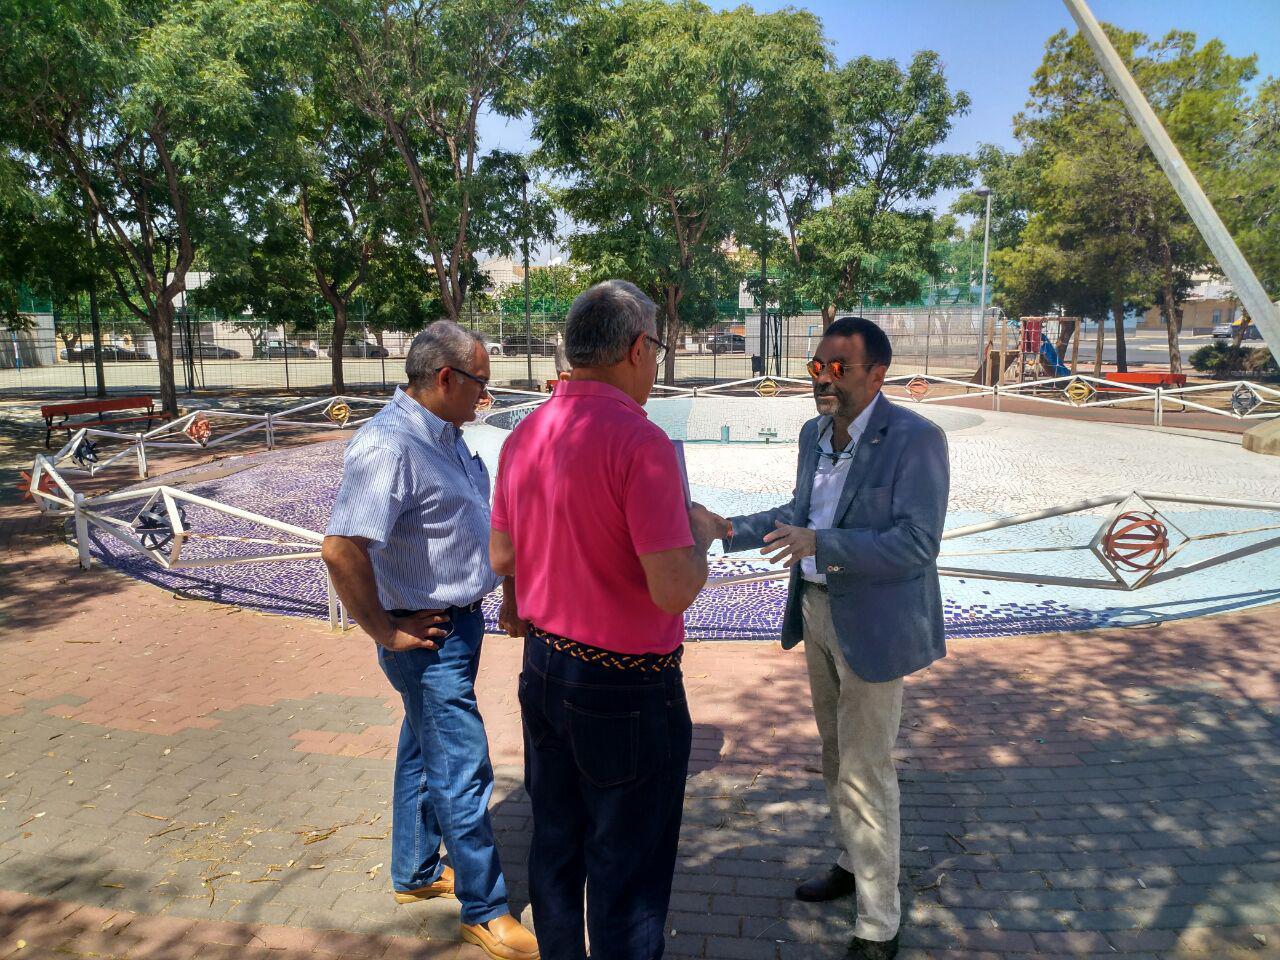 Desarrollo sostenible entrega a la junta vecinal de los for Ejemplo protocolo autocontrol piscinas